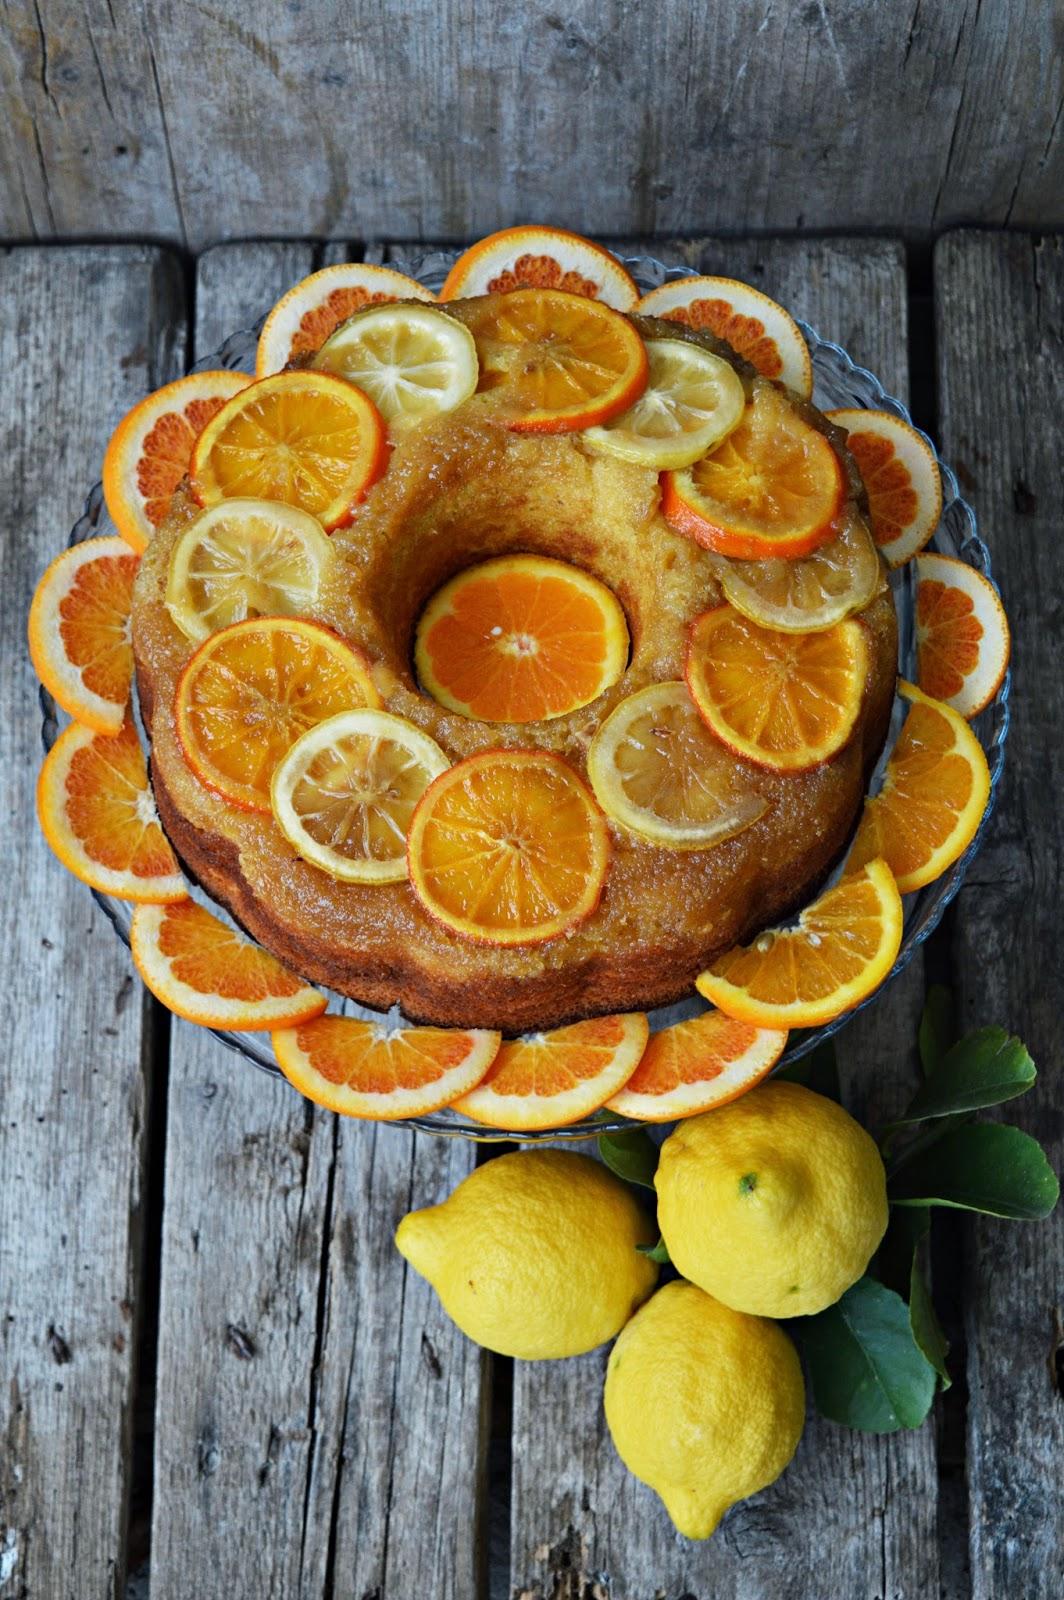 Torta speziata agli agrumi – Winter citrus upside down cake #Re-Cake2.0